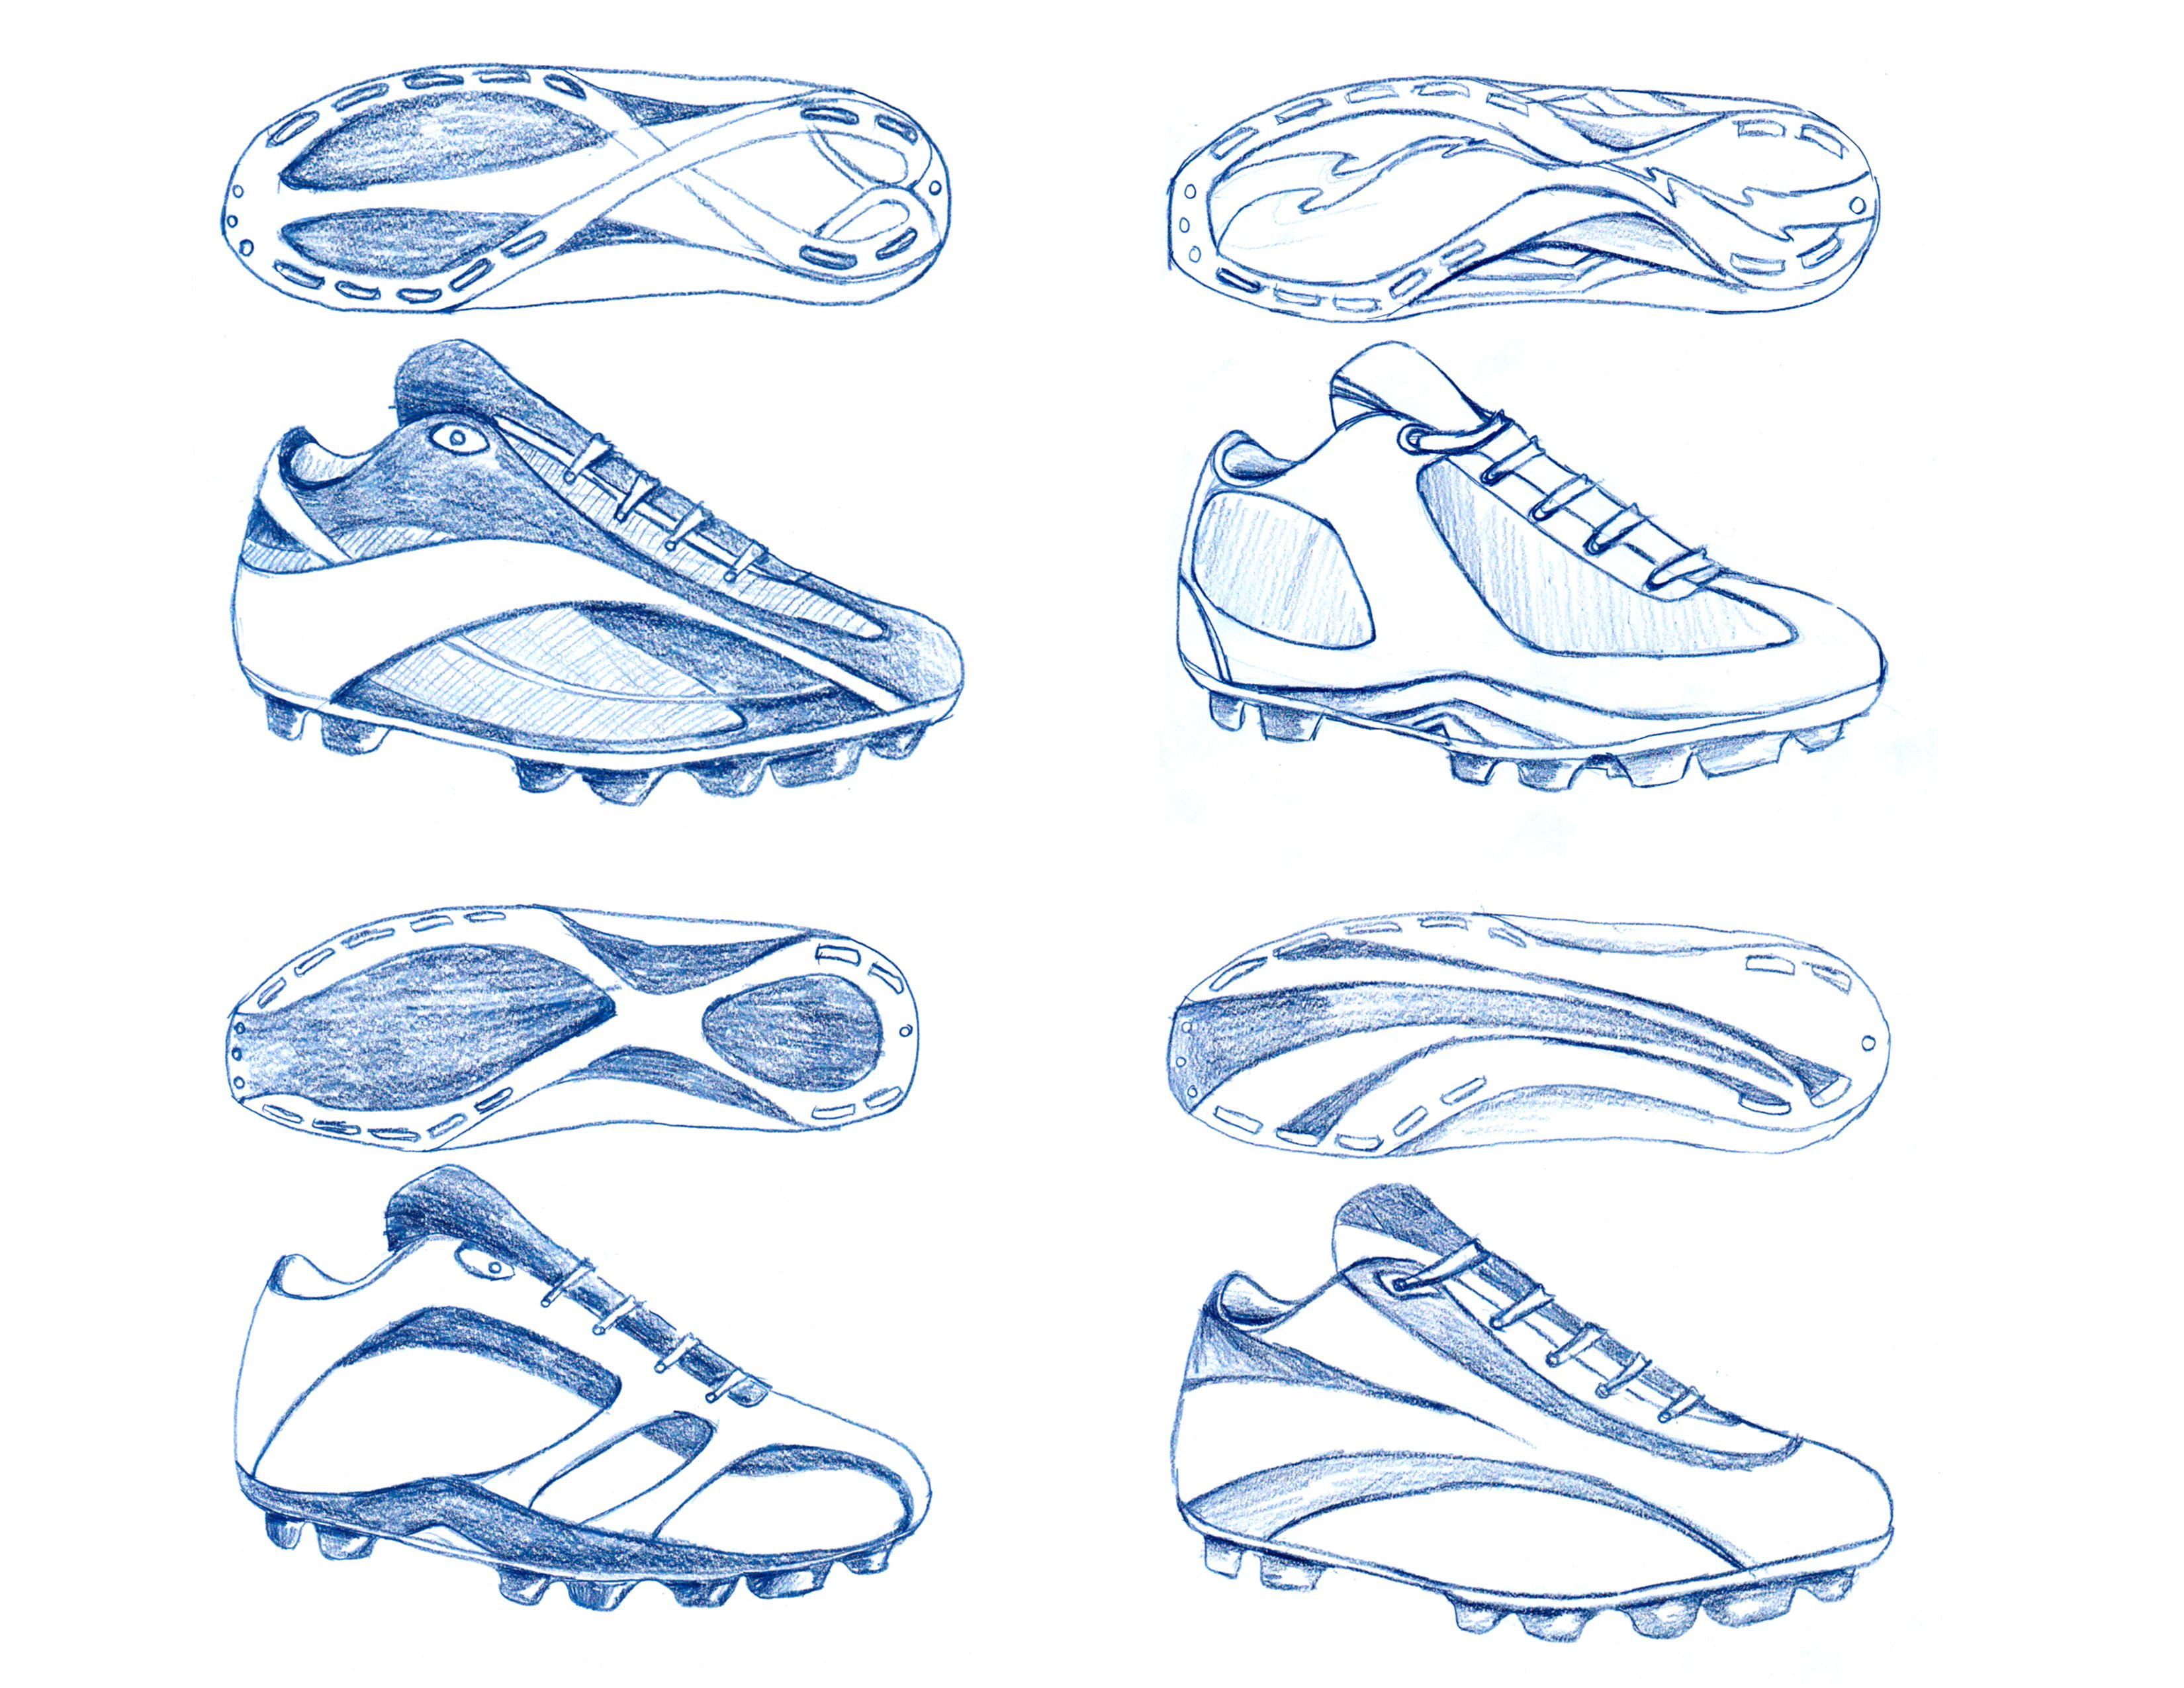 3300x2550 Football Shoe Design Development Football Concept